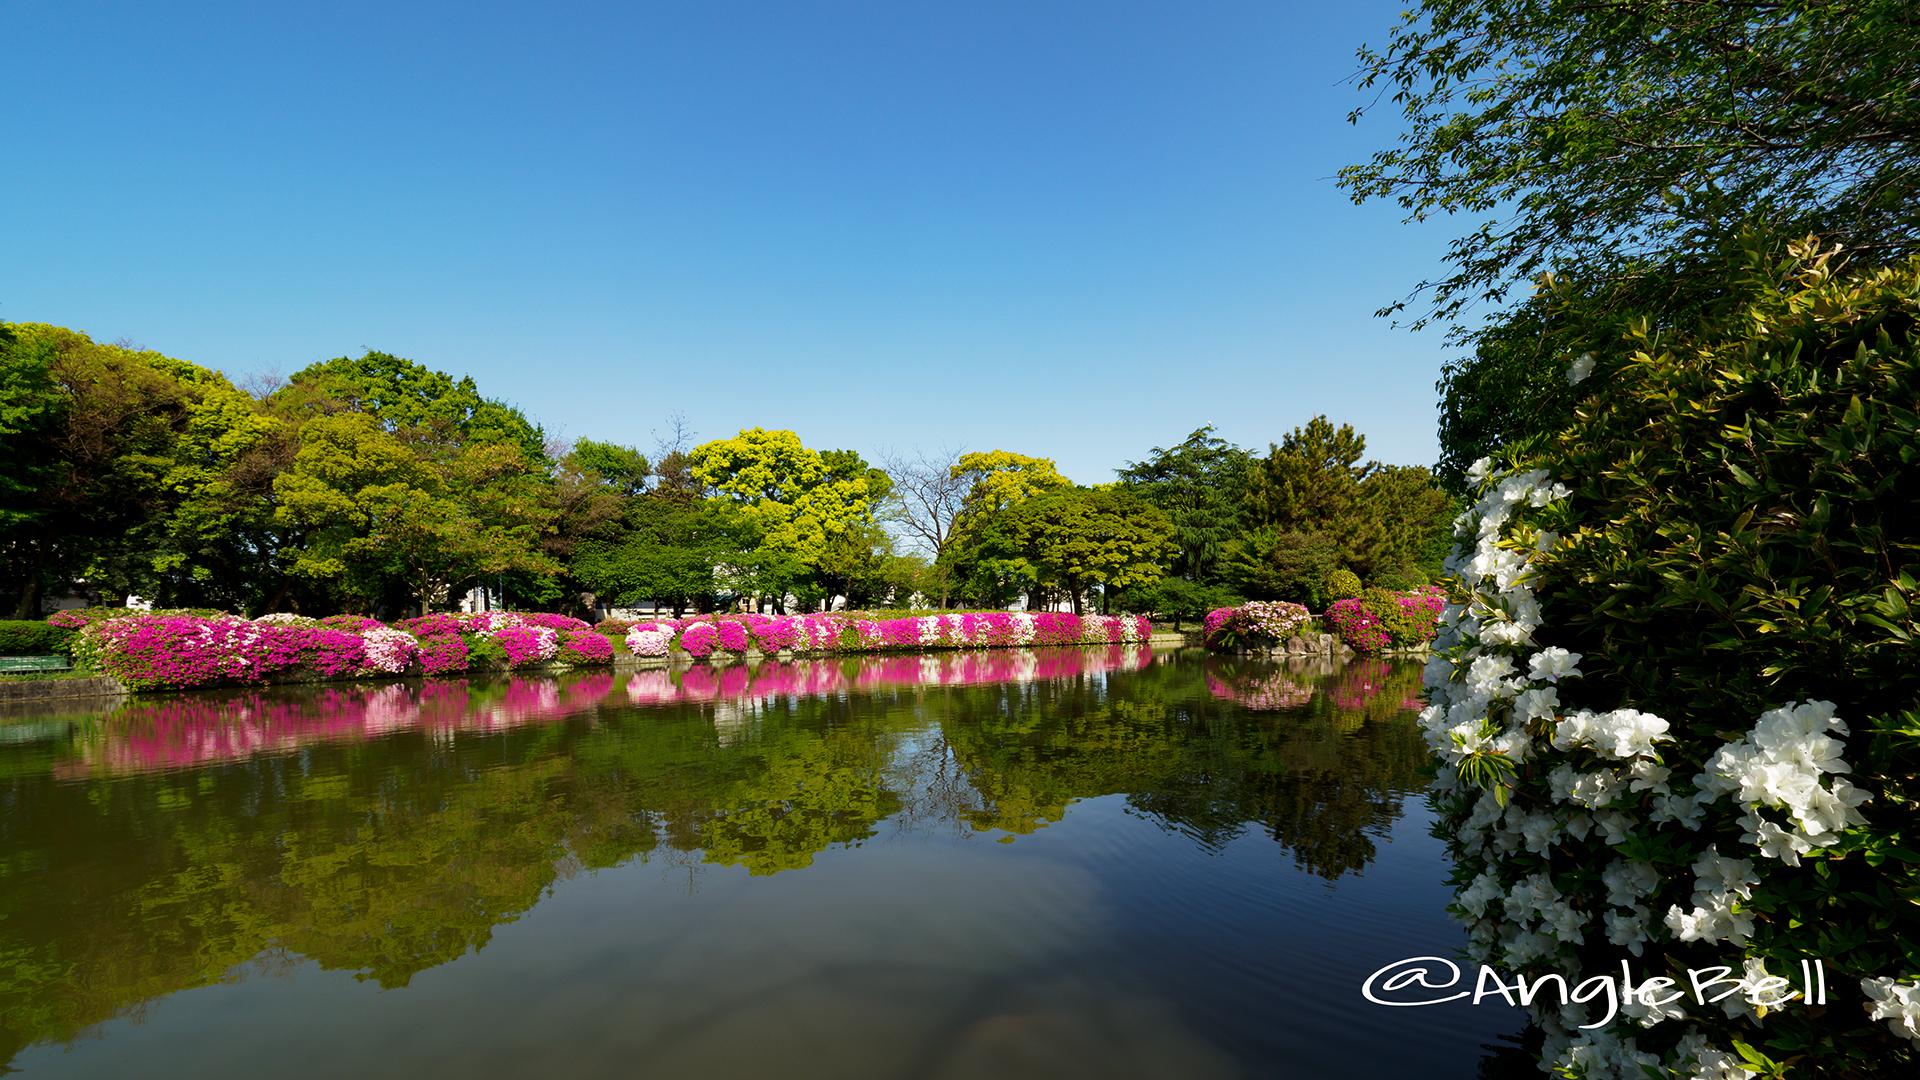 名城公園 御深井池(おふけ池)とツツジ(躑躅) 早朝